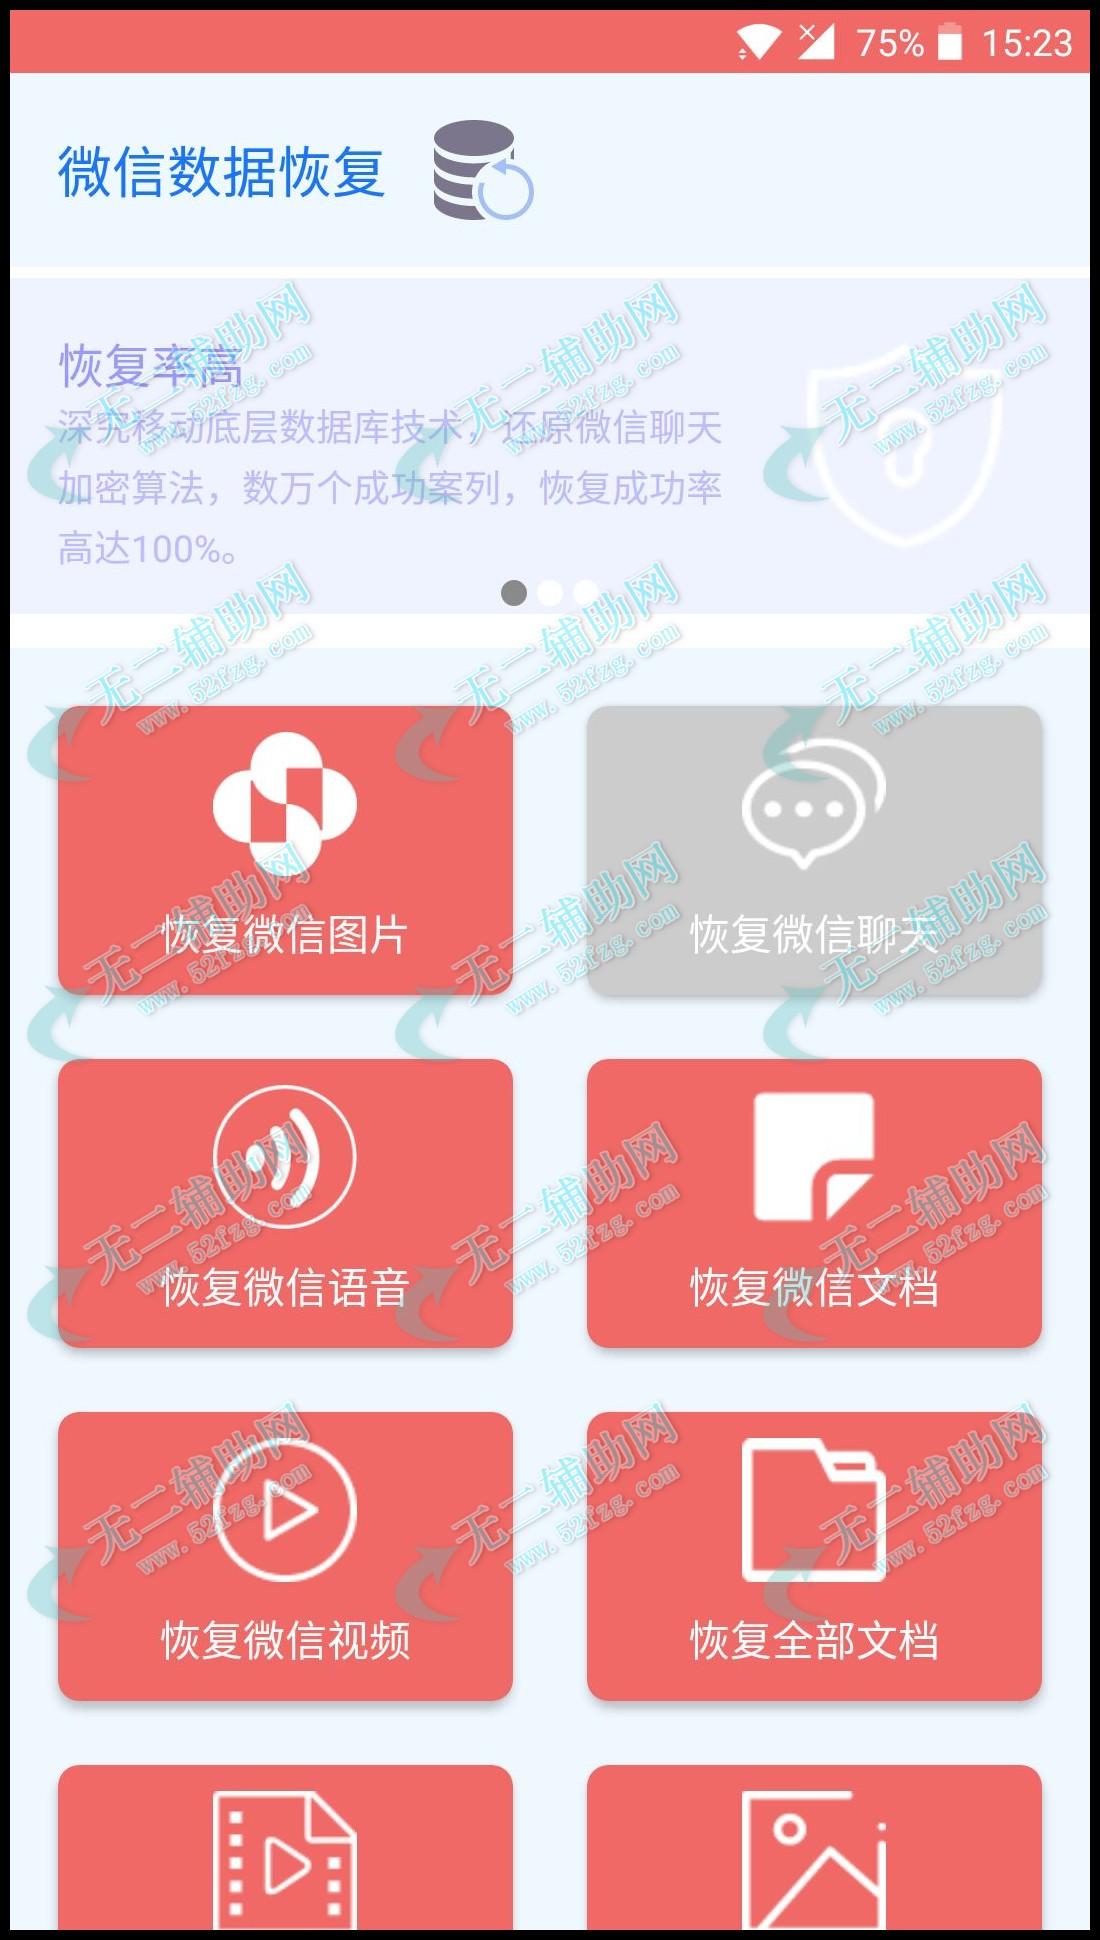 安卓微信数据恢复app解锁会员VIP版下载 支持微信聊天记录、语音、图片文档视频恢复